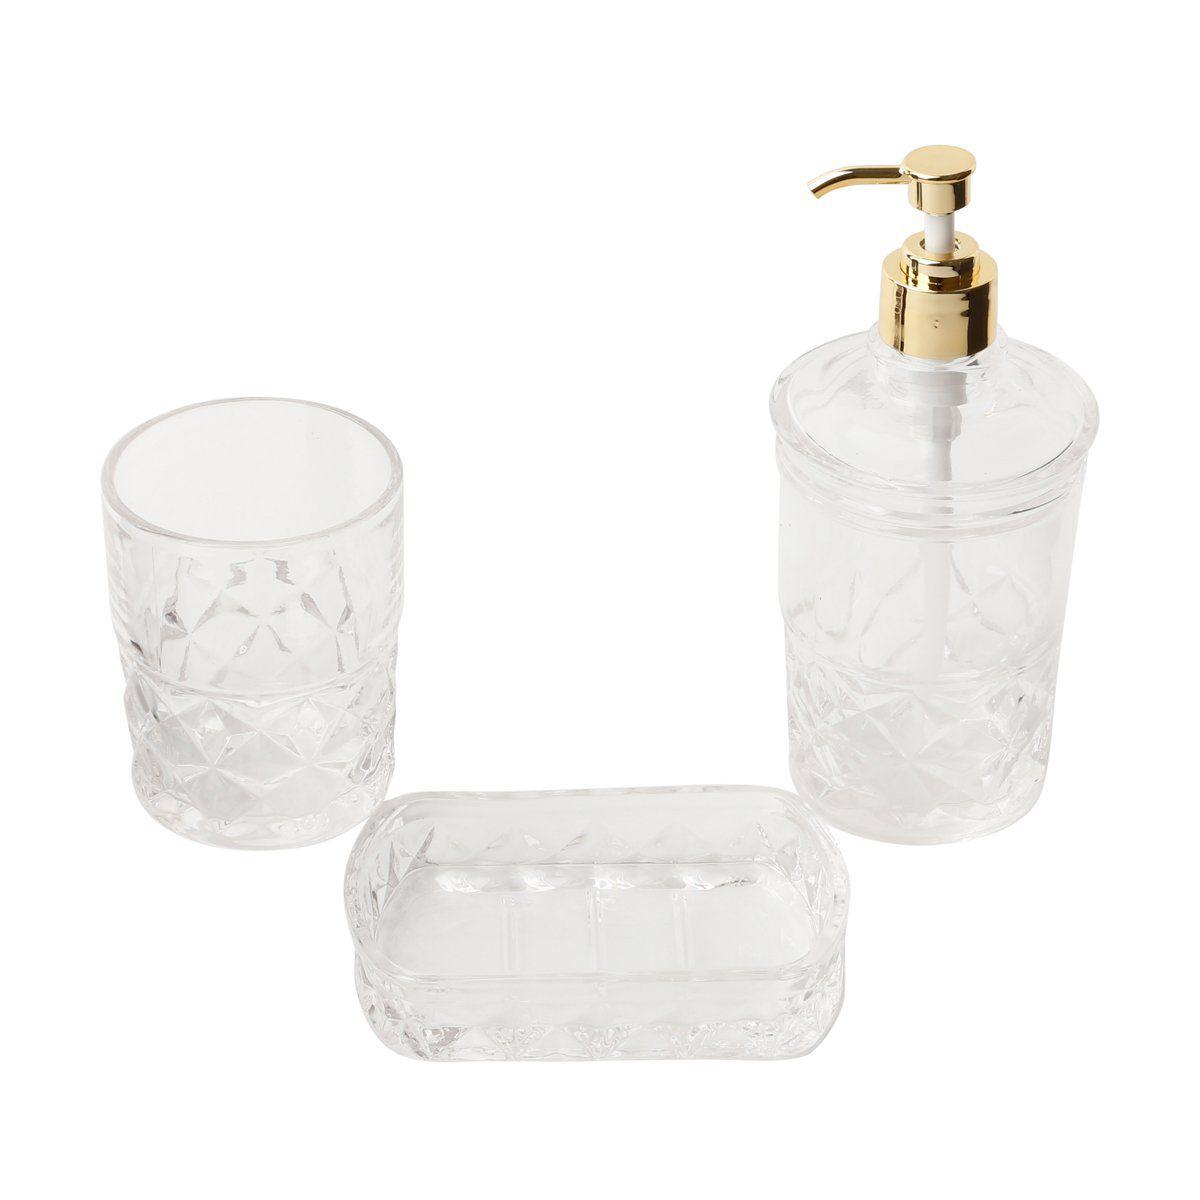 Jogo 3 peças para banheiro de vidro transparente Royal Bon Gourmet – 25822